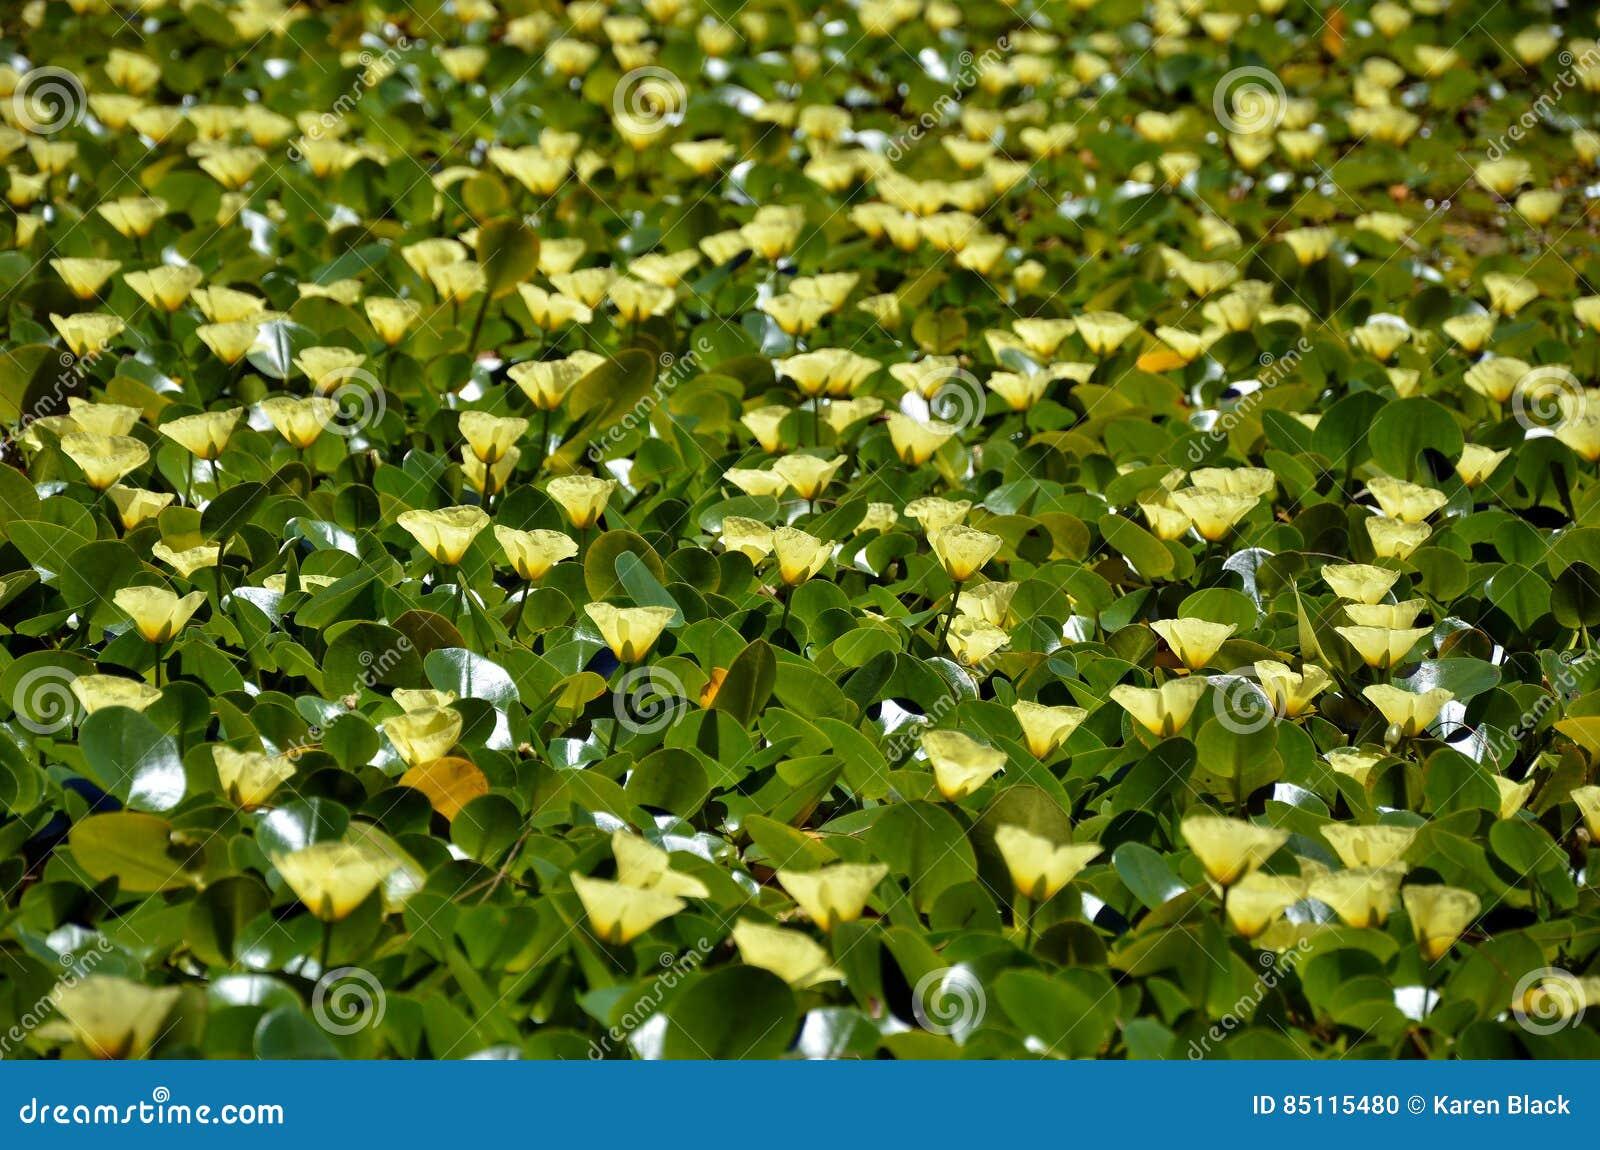 Fiori Gialli Acquatici.Fiori Gialli Del Papavero Acquatico Dell Acqua Fotografia Stock